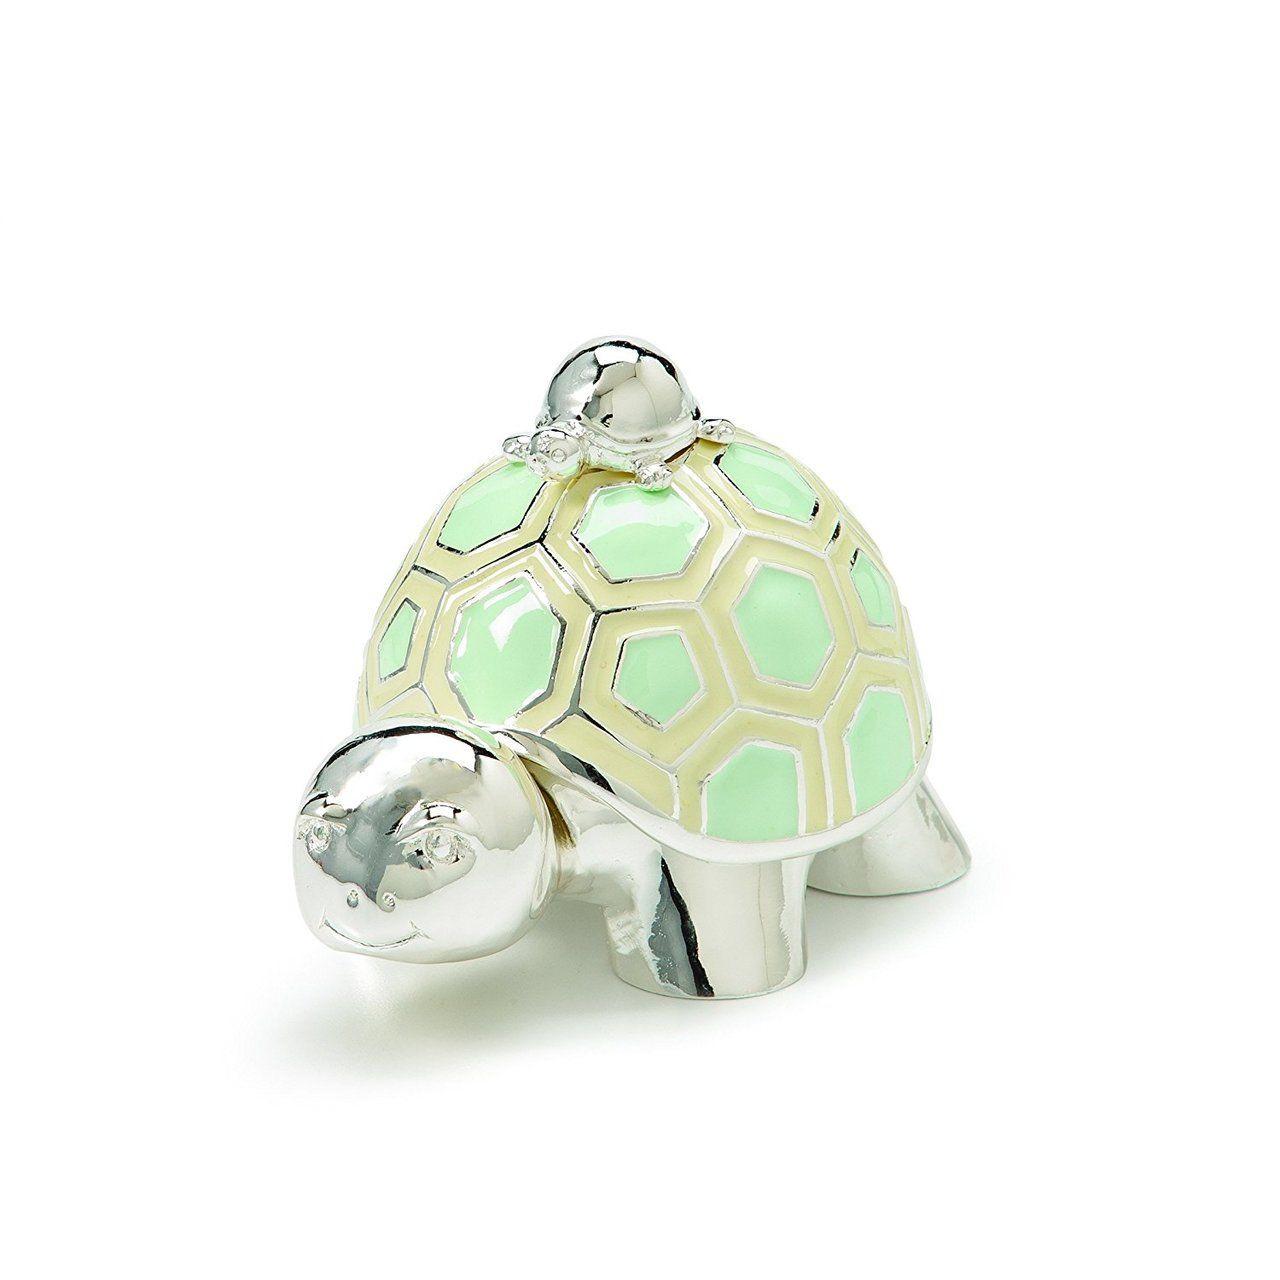 Demdaco Tender Love Baby Turtle Keepsake Box - Bluebasilgifts.com